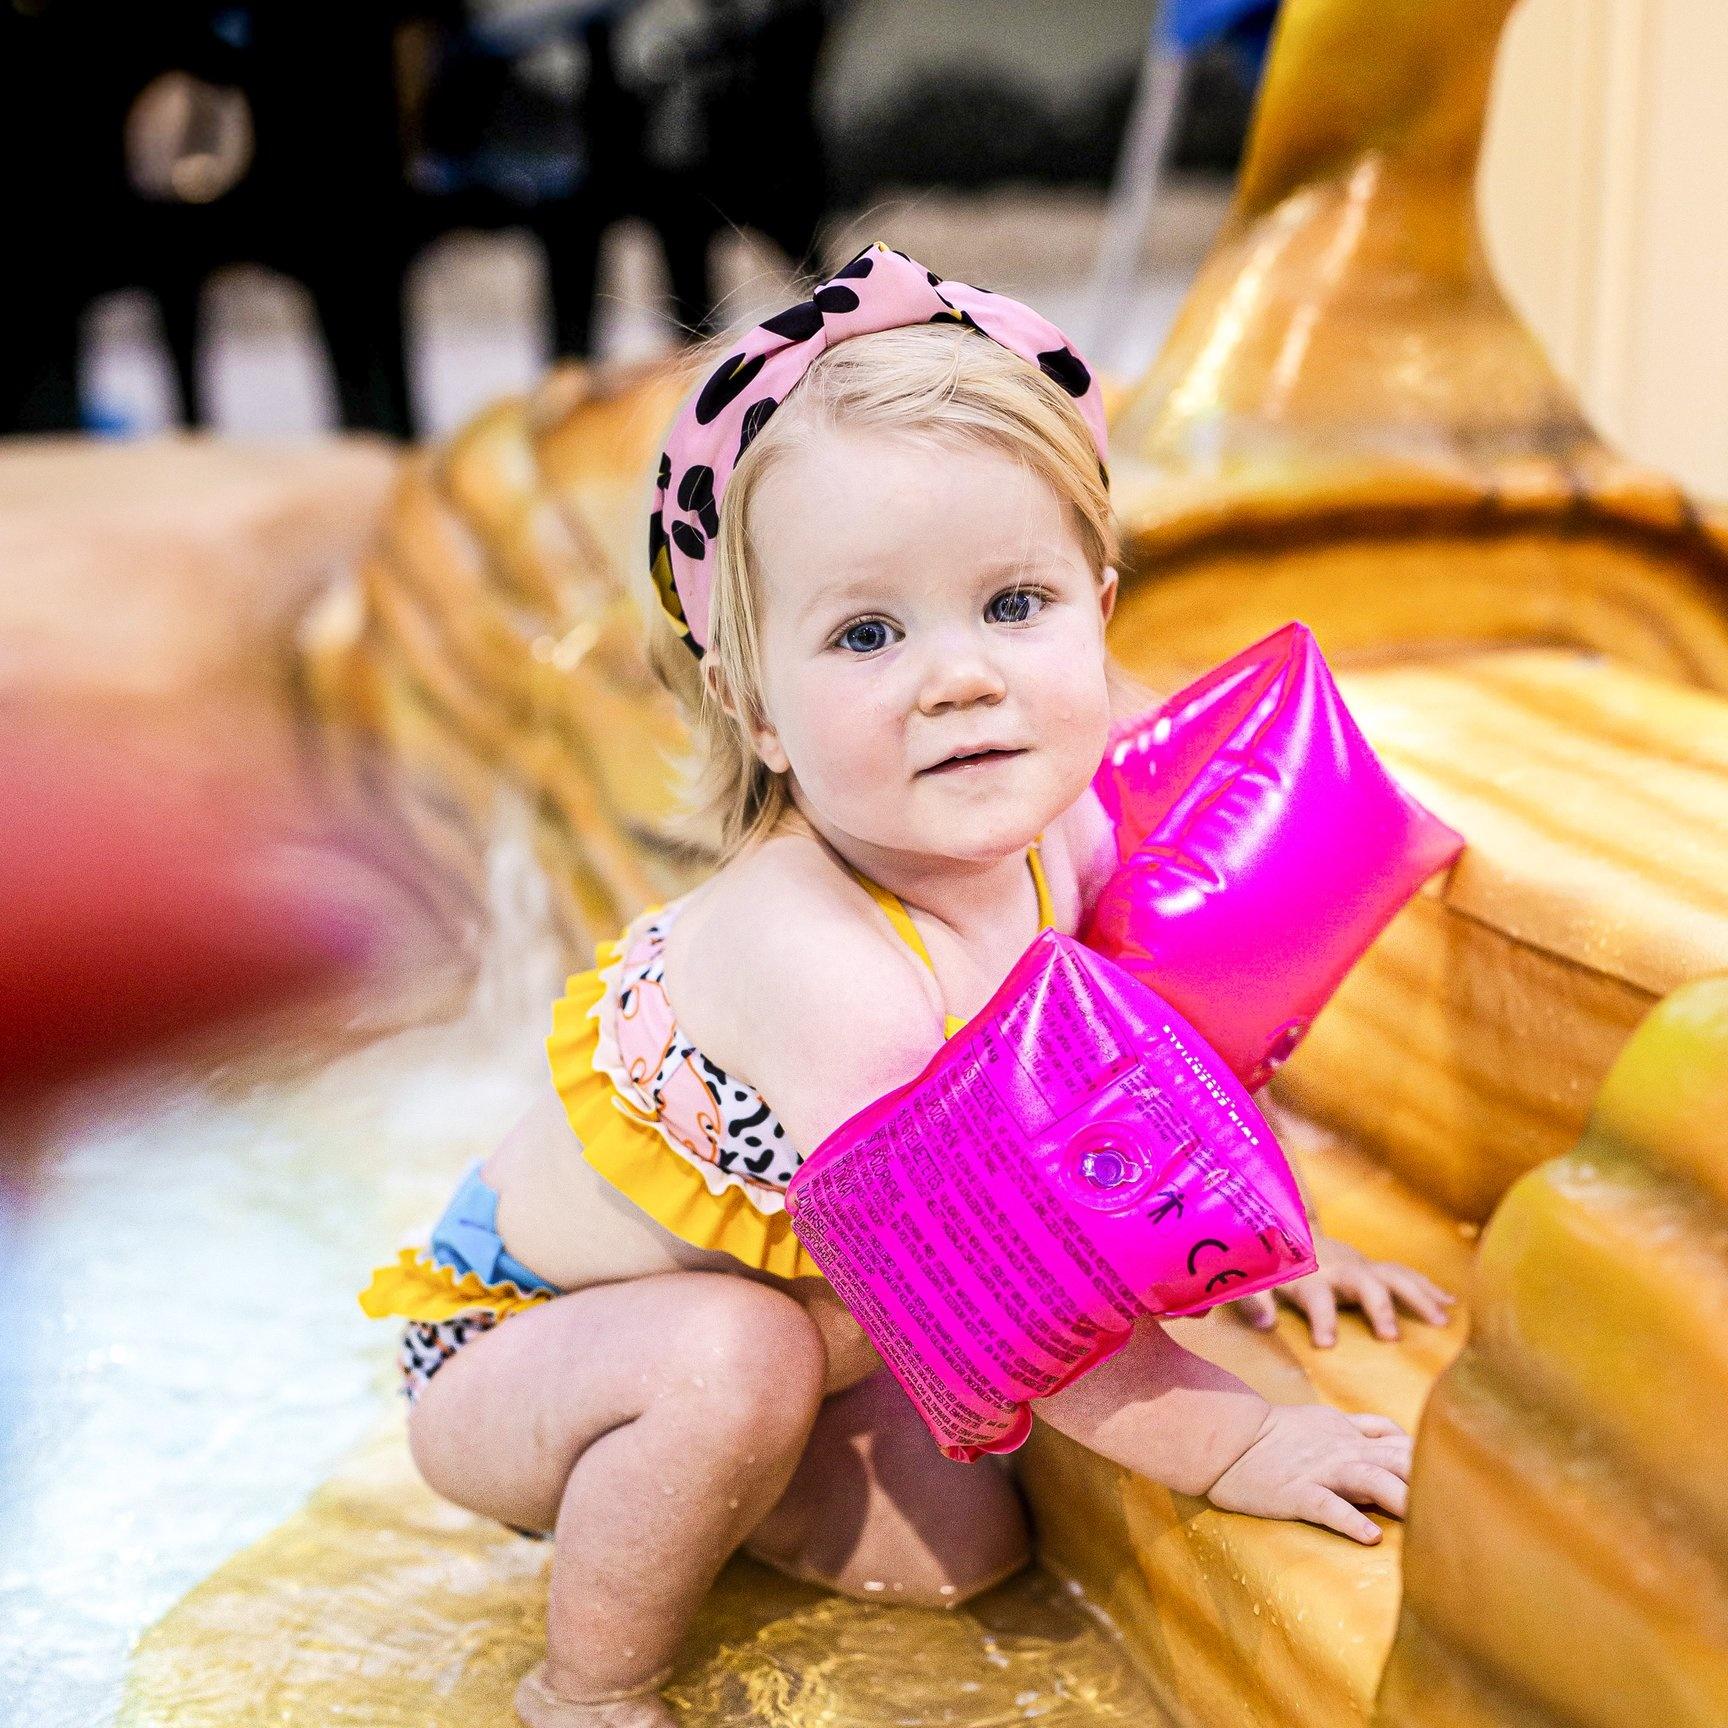 Swim Essentials ZWEMBANDJES VOOR BABY'S | VEILIGE ZWEMBANDJES | MINISONLY.NL